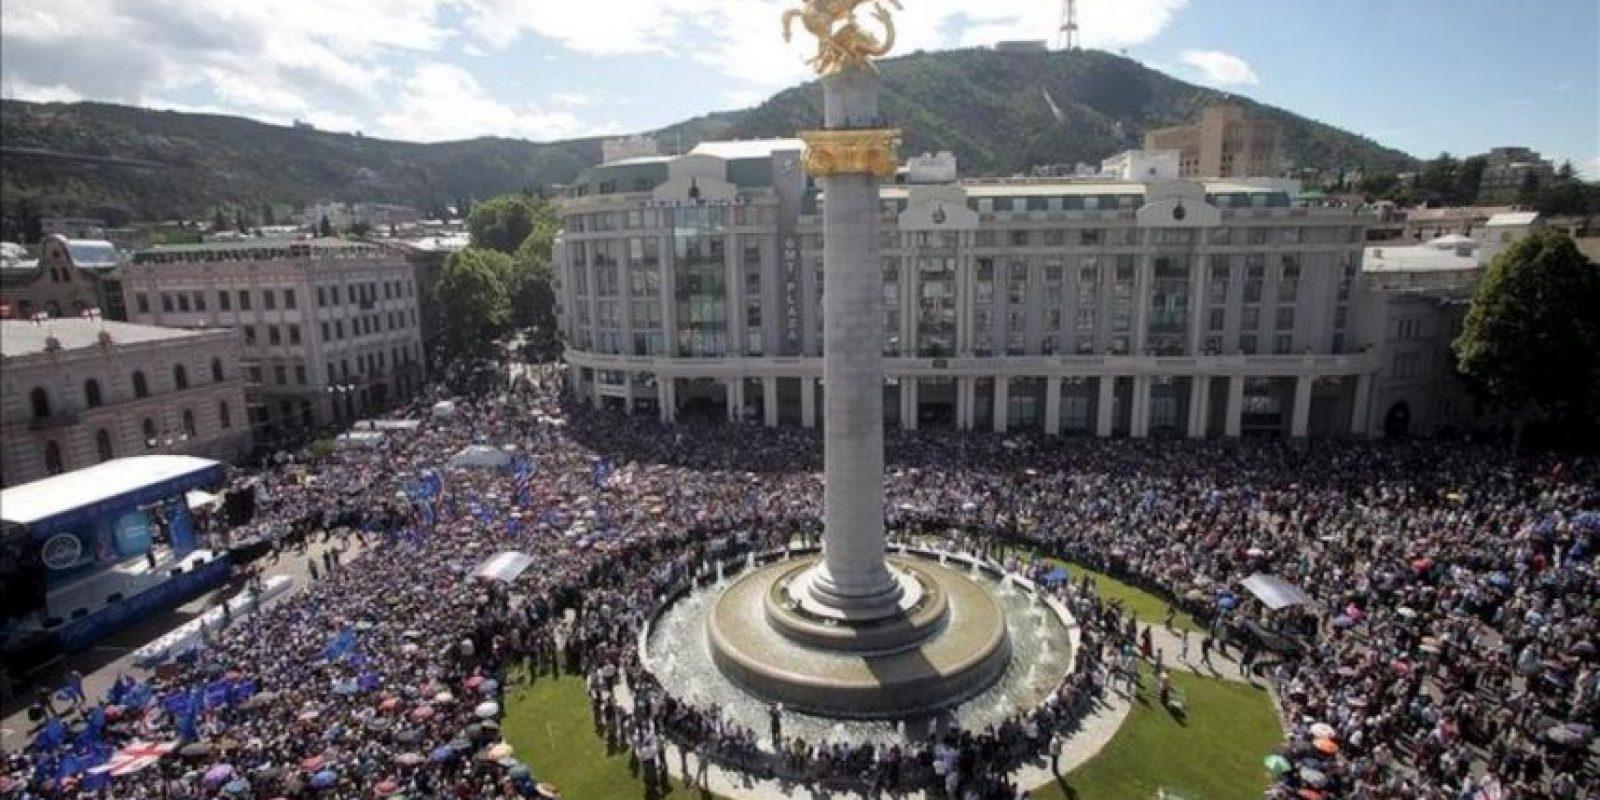 Vista de la manifestación contra el actual presidente de Georgia, Mijaíl Saakashvili, hoy, domingo, 27 de mayo de 2012, en Tiflis (Georgia). EFE